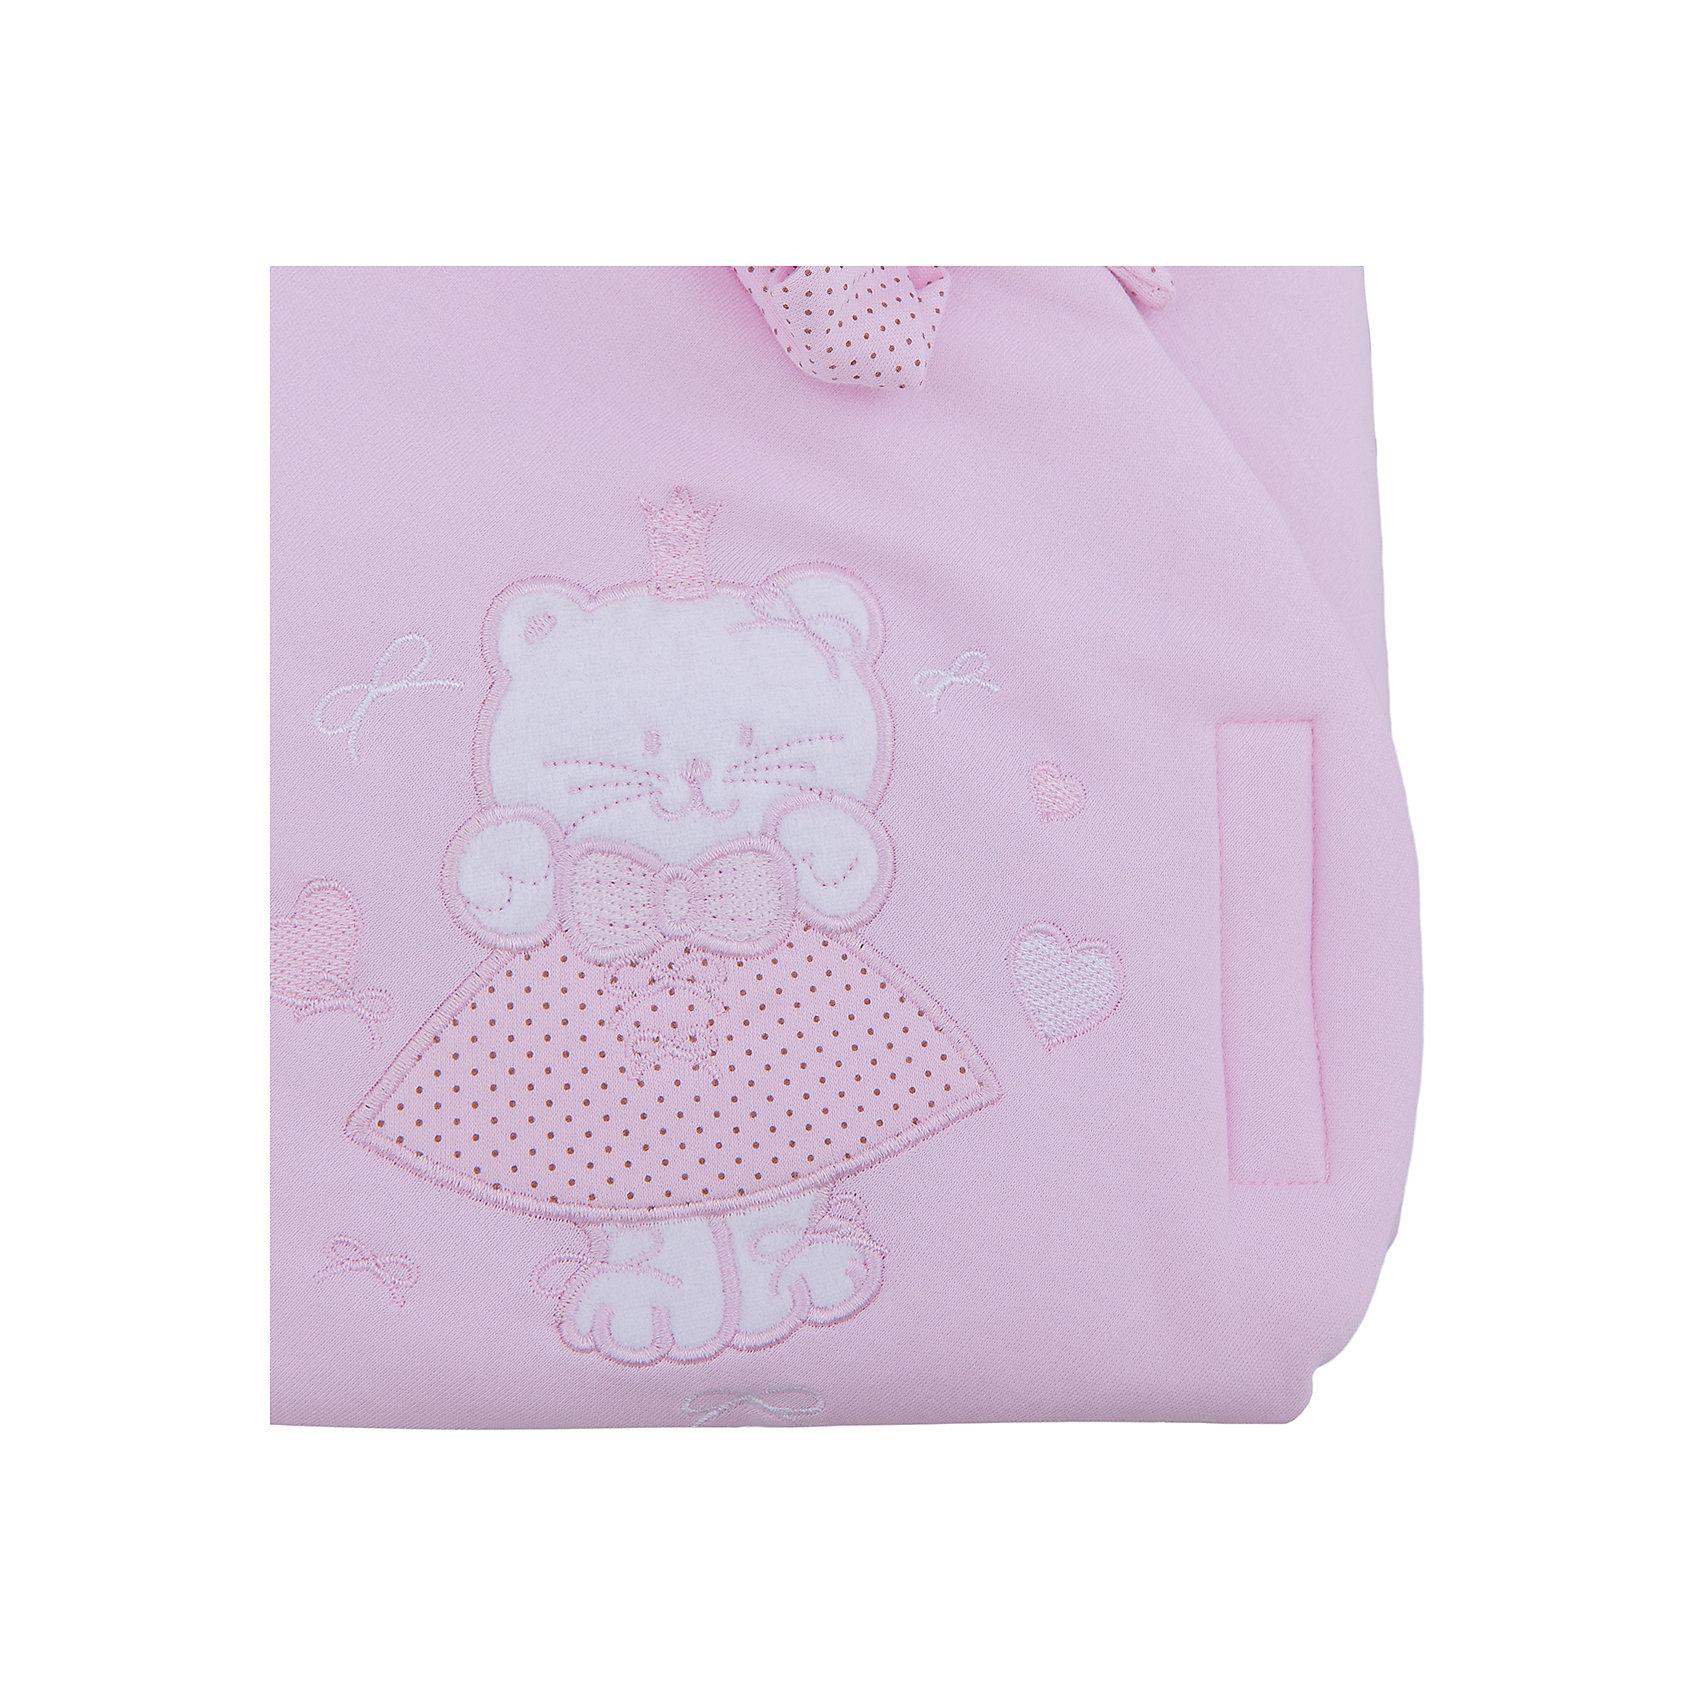 Конверт-одеяло Малютка, Leader kids, розовый